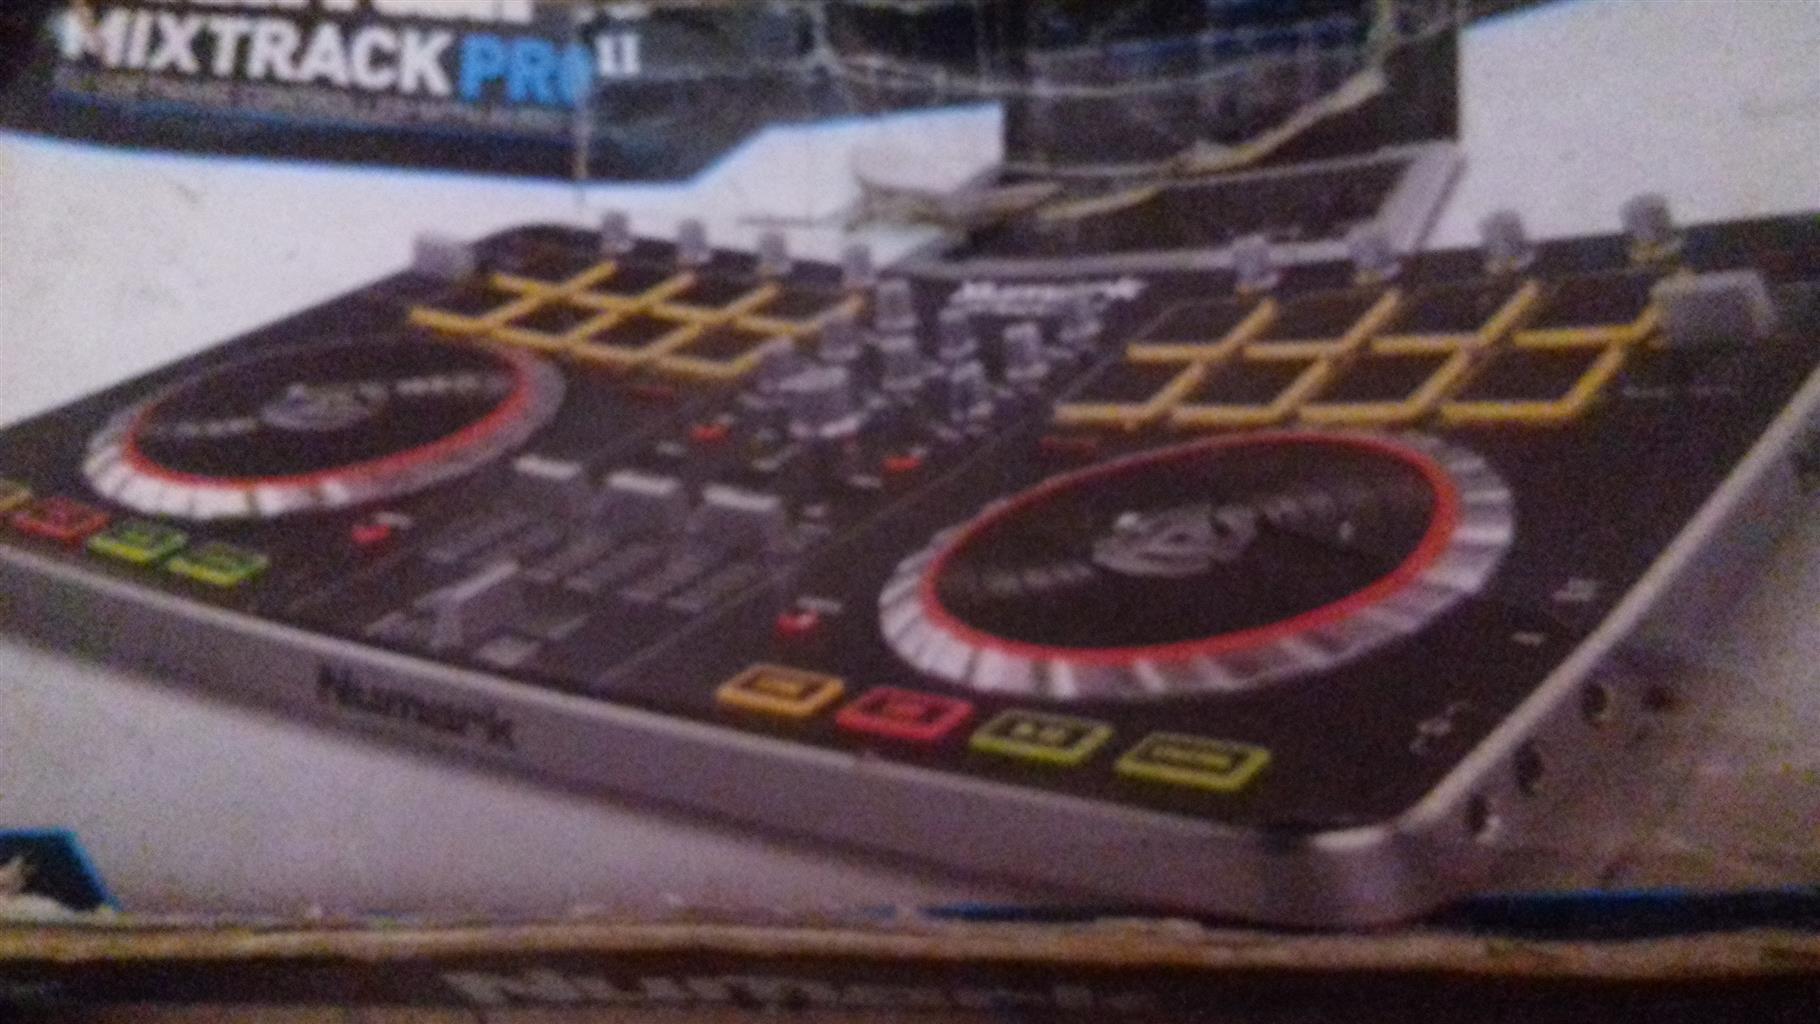 nu mark mix pro2